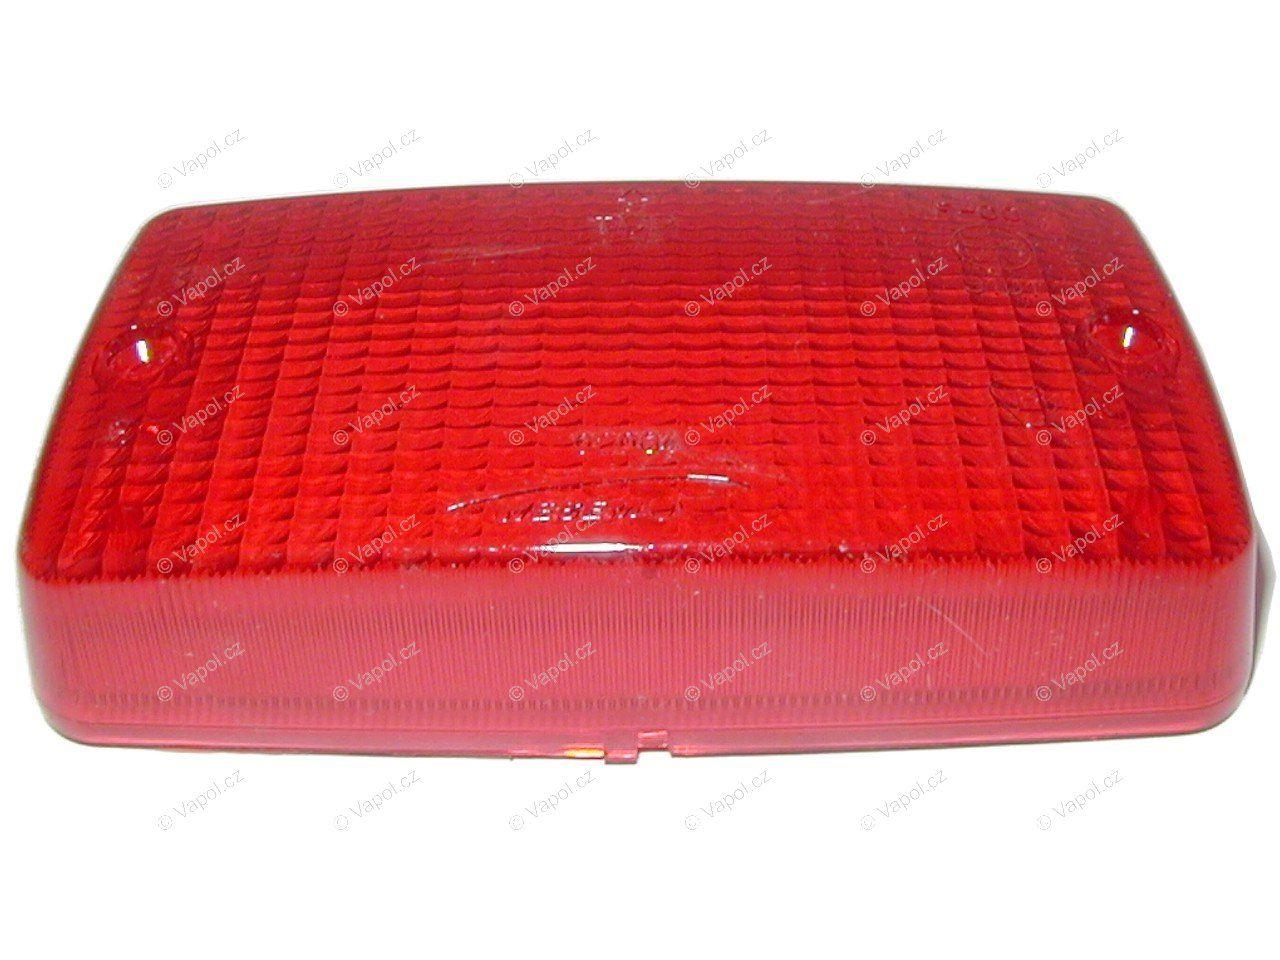 Krytka světla mlhovky (A.29133.C) červená WESEM